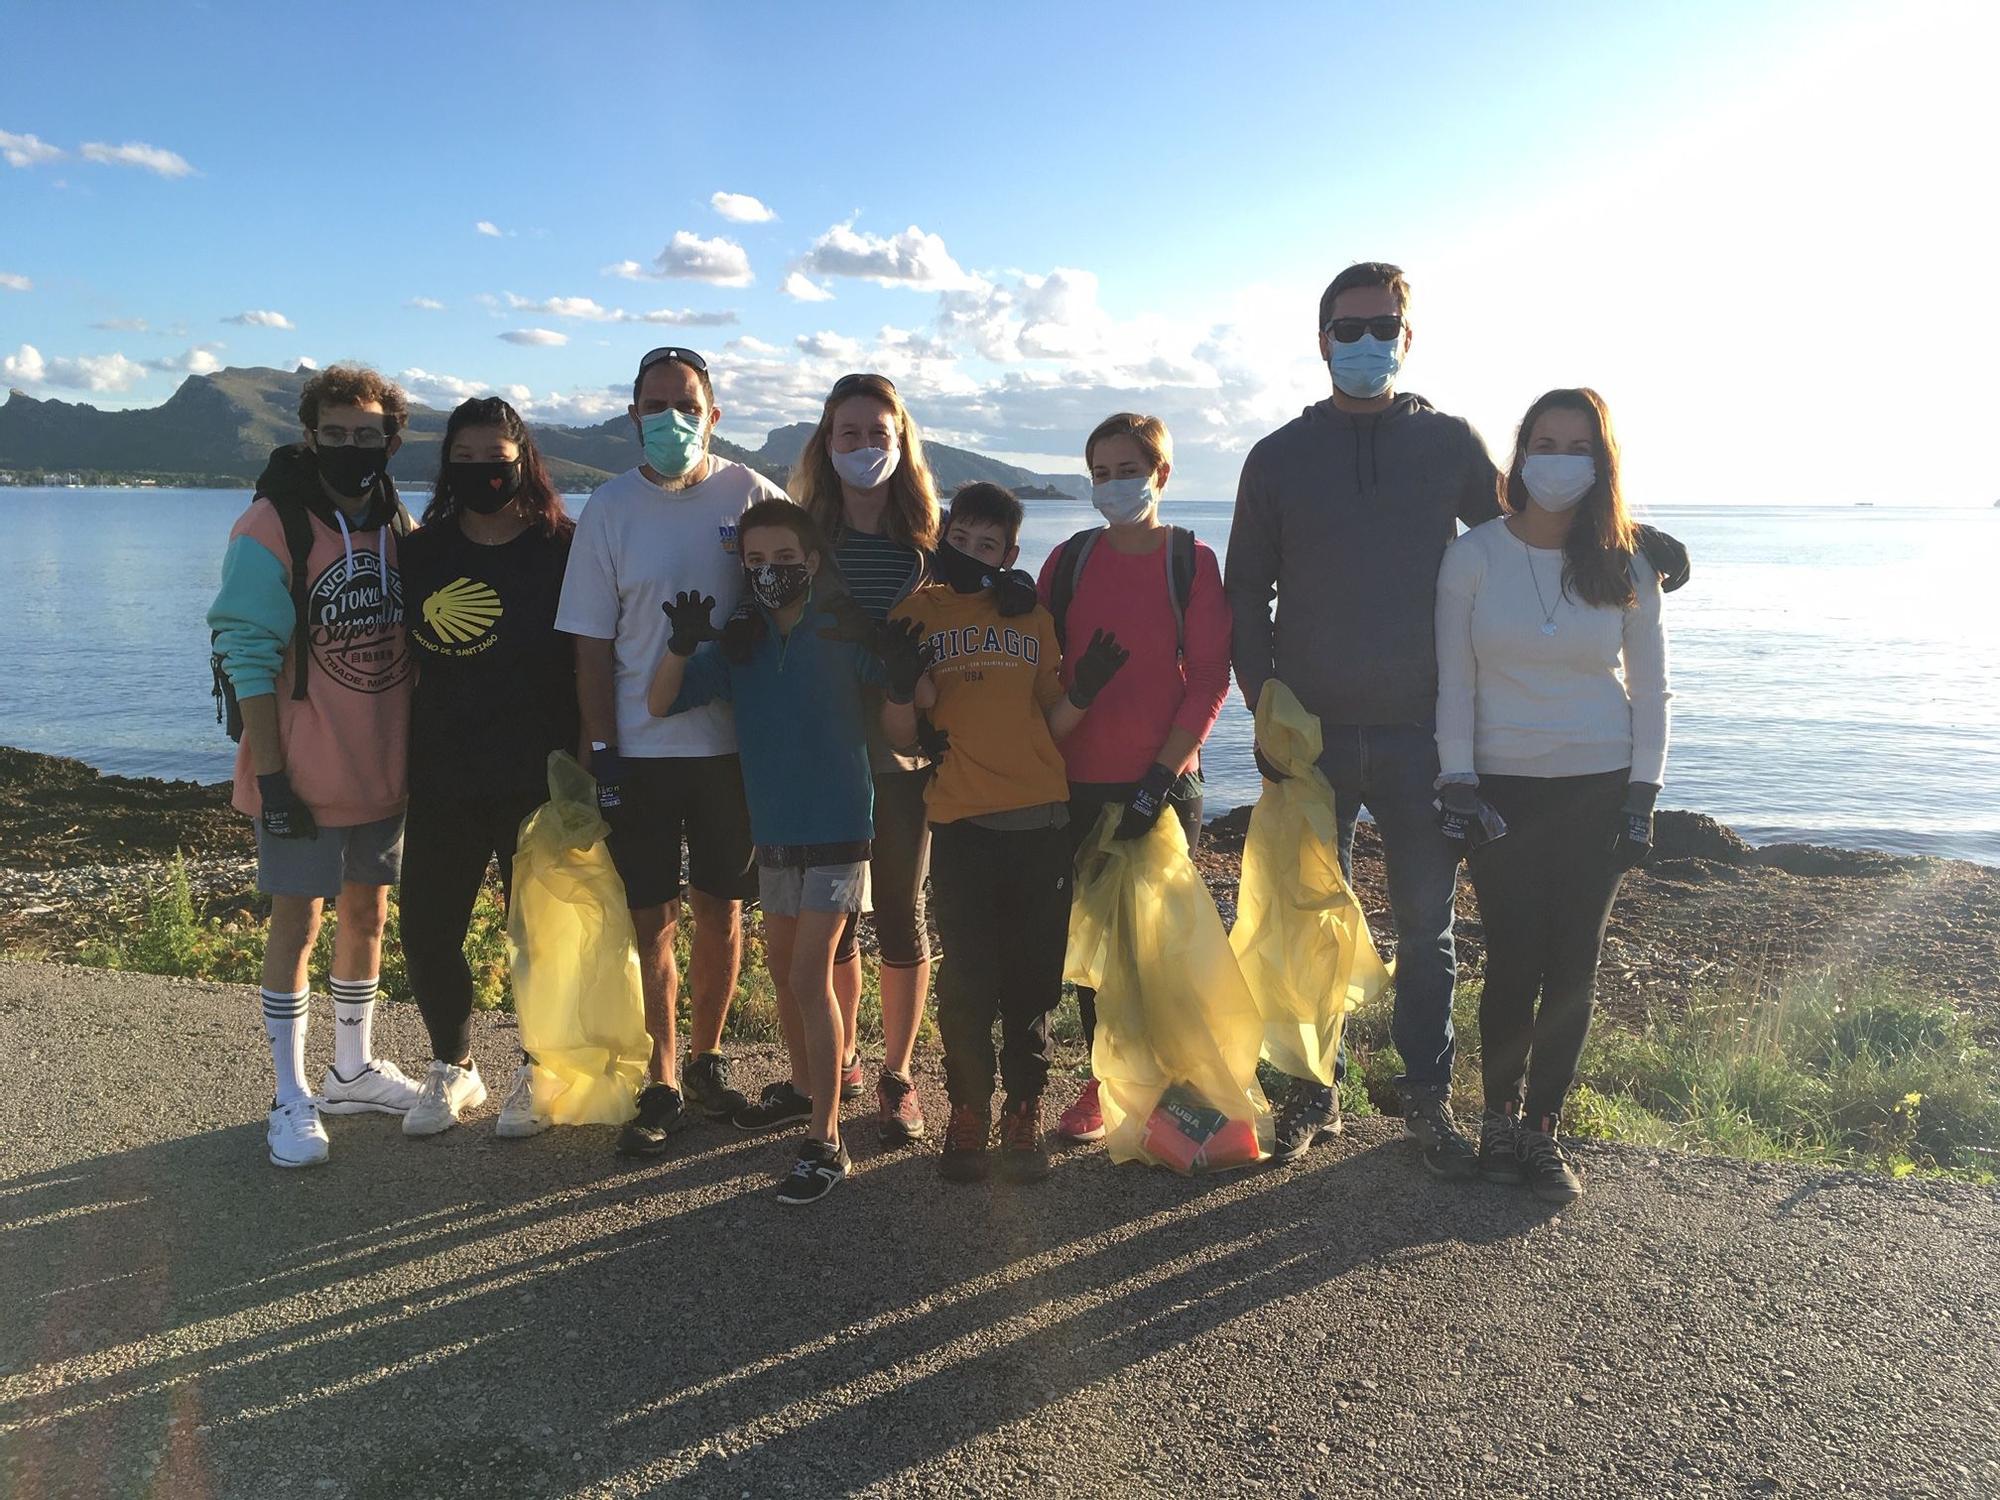 Una veintena de voluntarios reúnen 15 bolsas de basuras del arenal. Es una iniciativa particular de ciudadanos concienciados en la necesidad de mantener las playas limpias